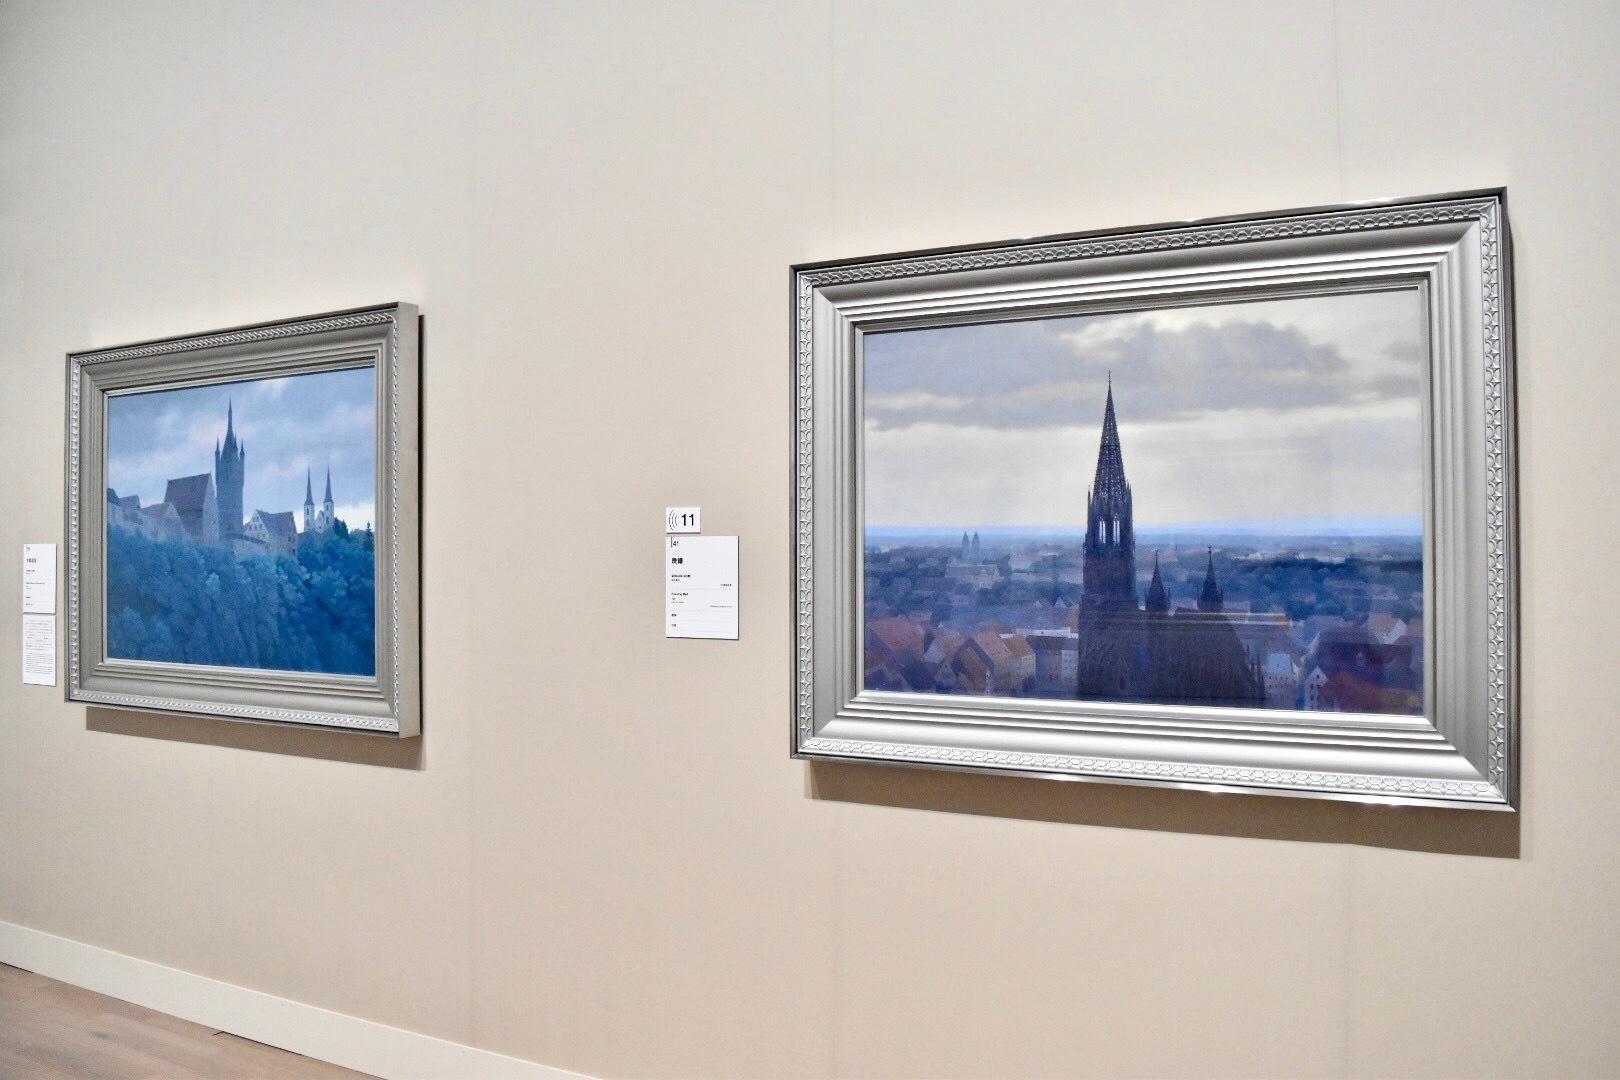 右:《晩鐘》 昭和46年 北澤美術館蔵 左:古都遠望 昭和46年